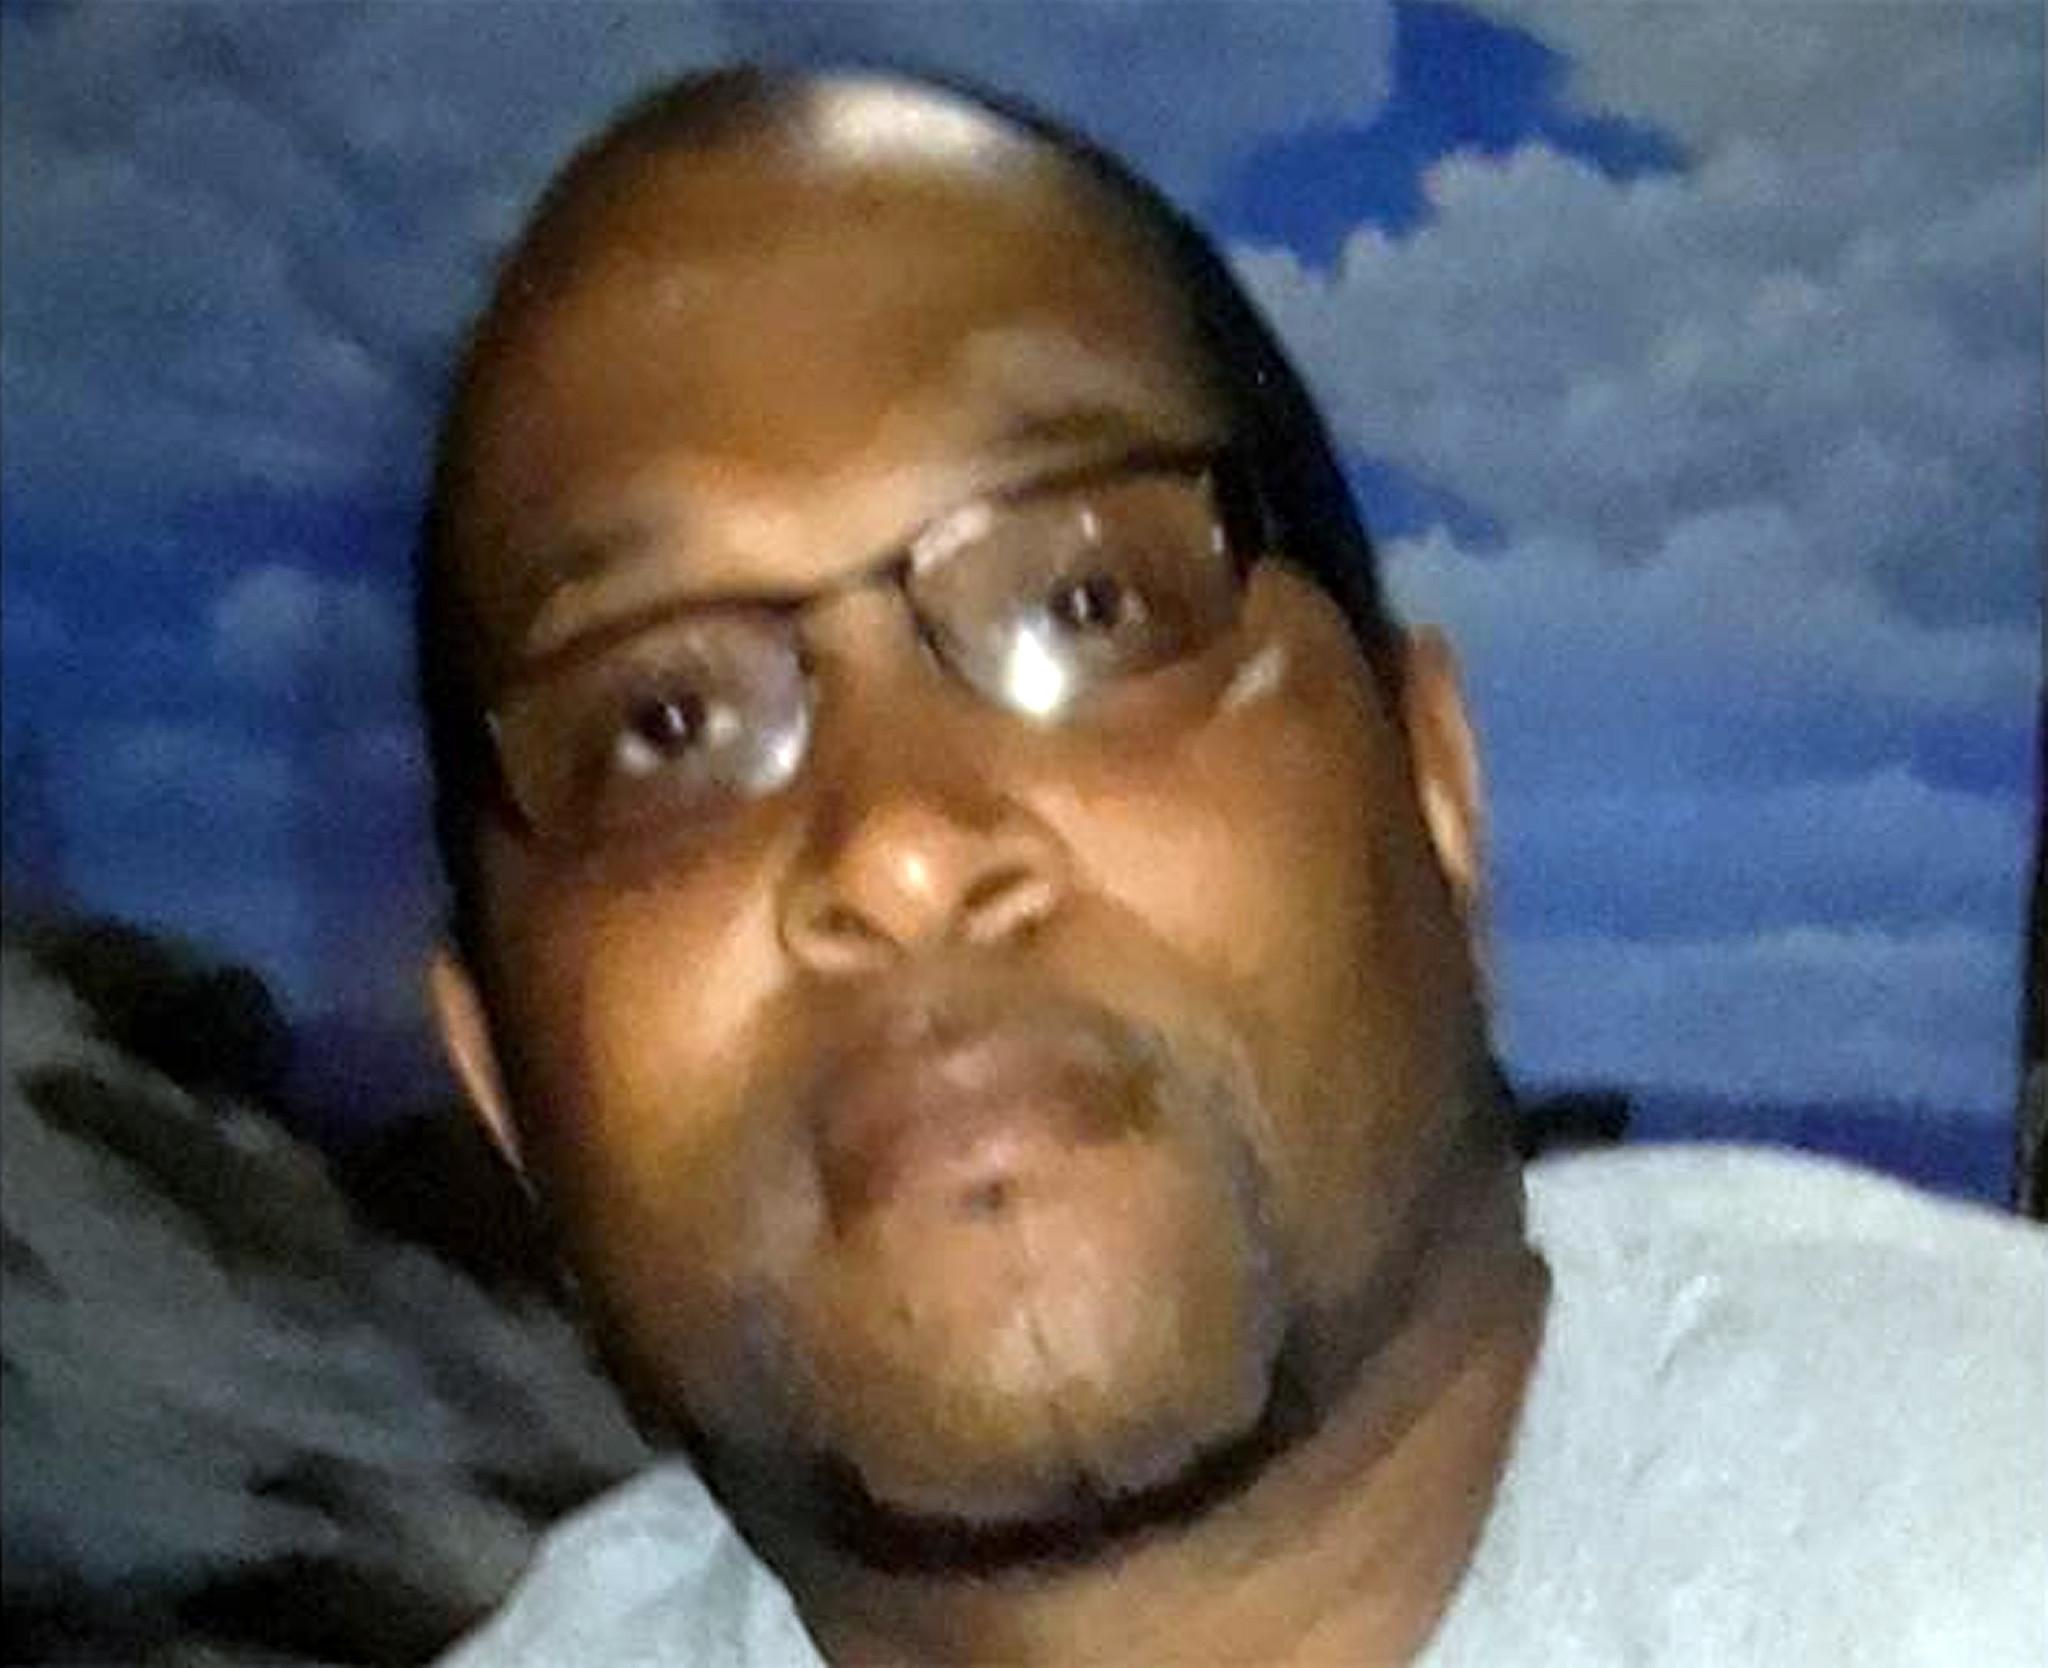 Prisoner wrote heartbreaking plea for release before becoming first federal inmate to die of coronavirus